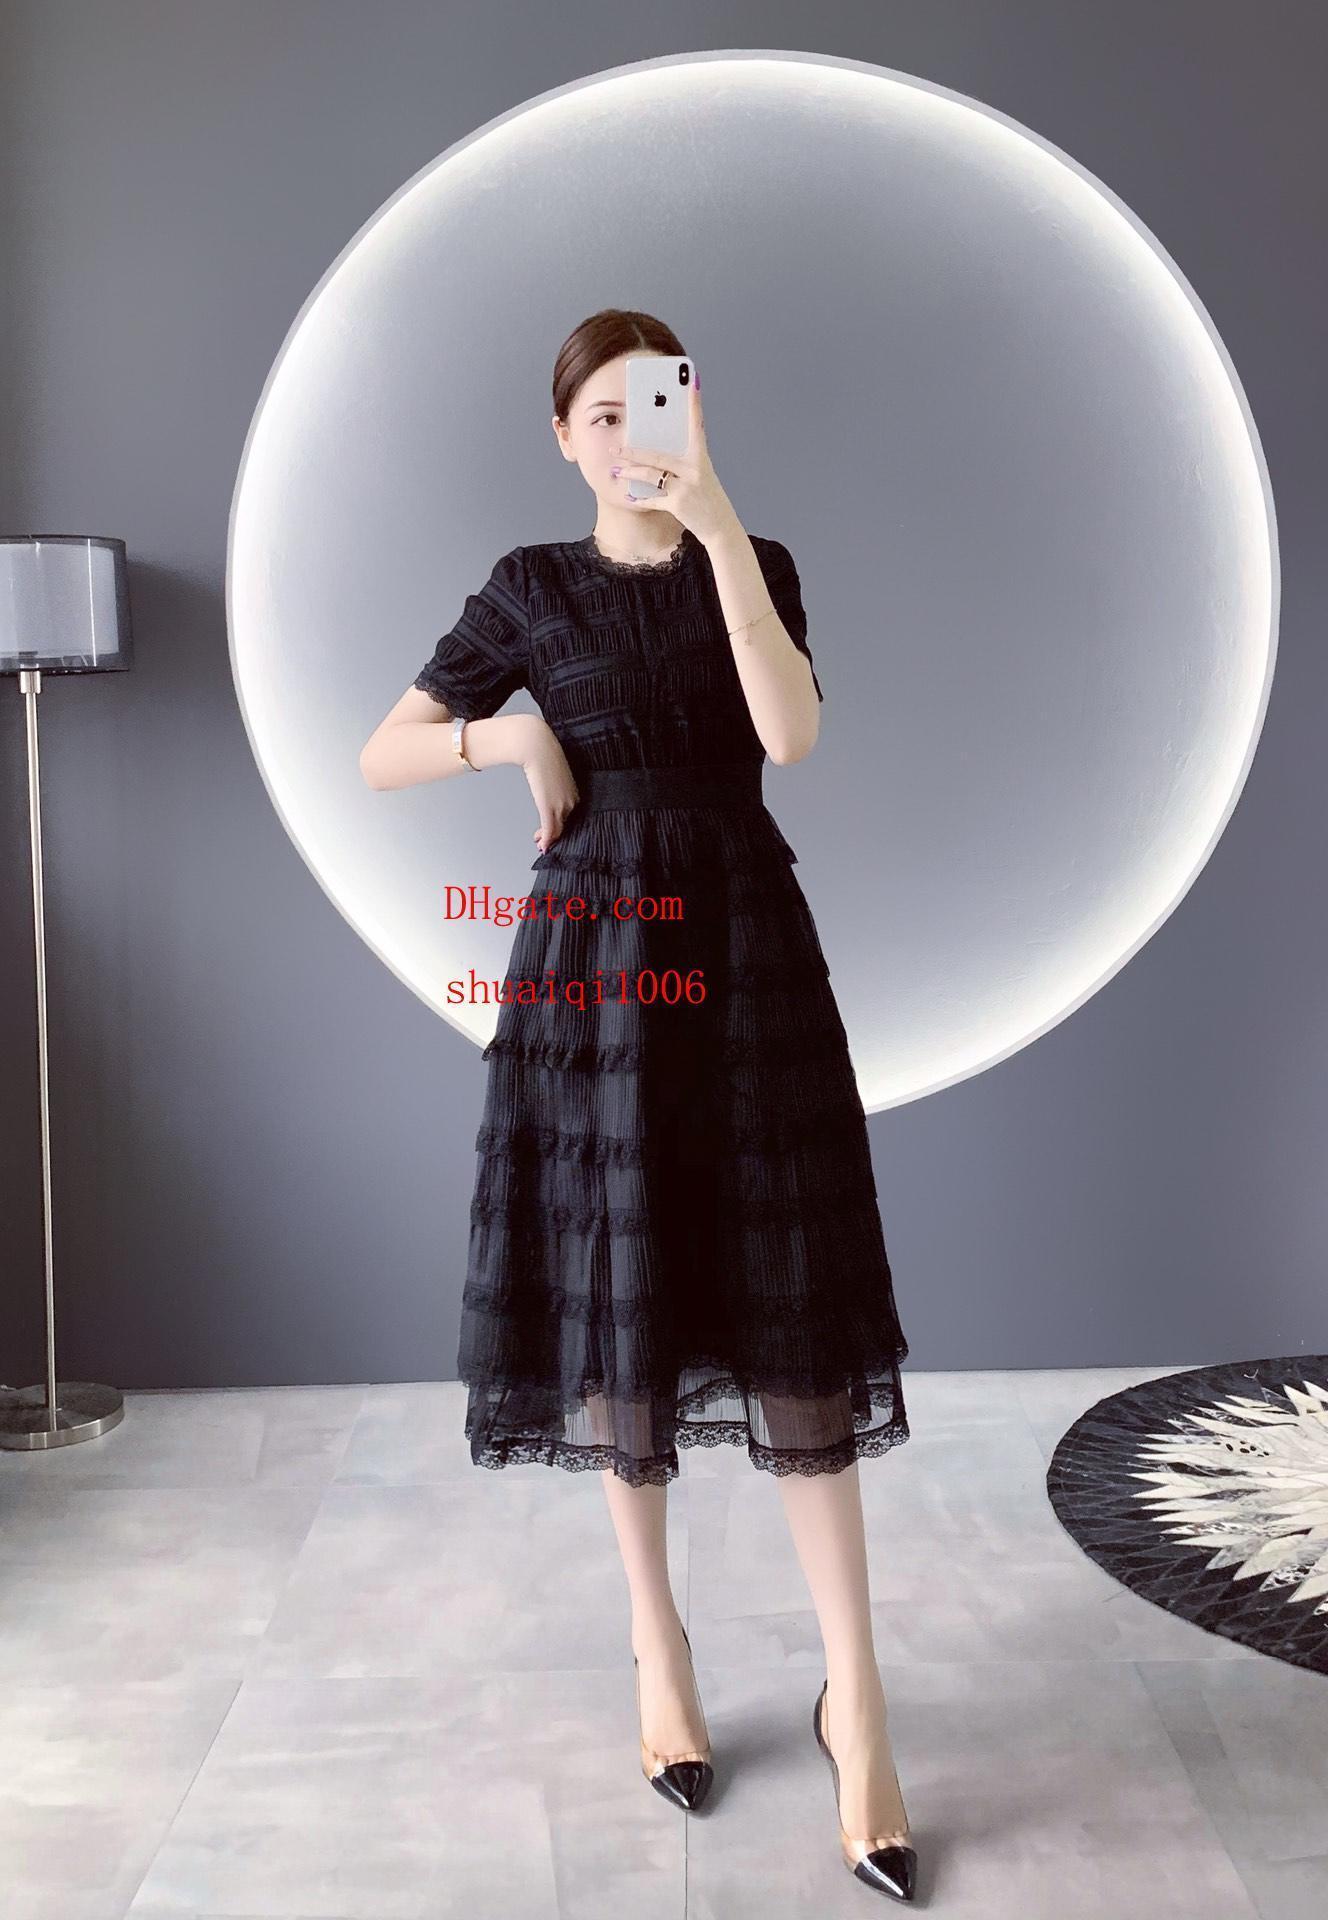 ce3fb8c16 Compre Ropa De Mujer Vestidos De Verano Tendencia De Moda Elegante ...